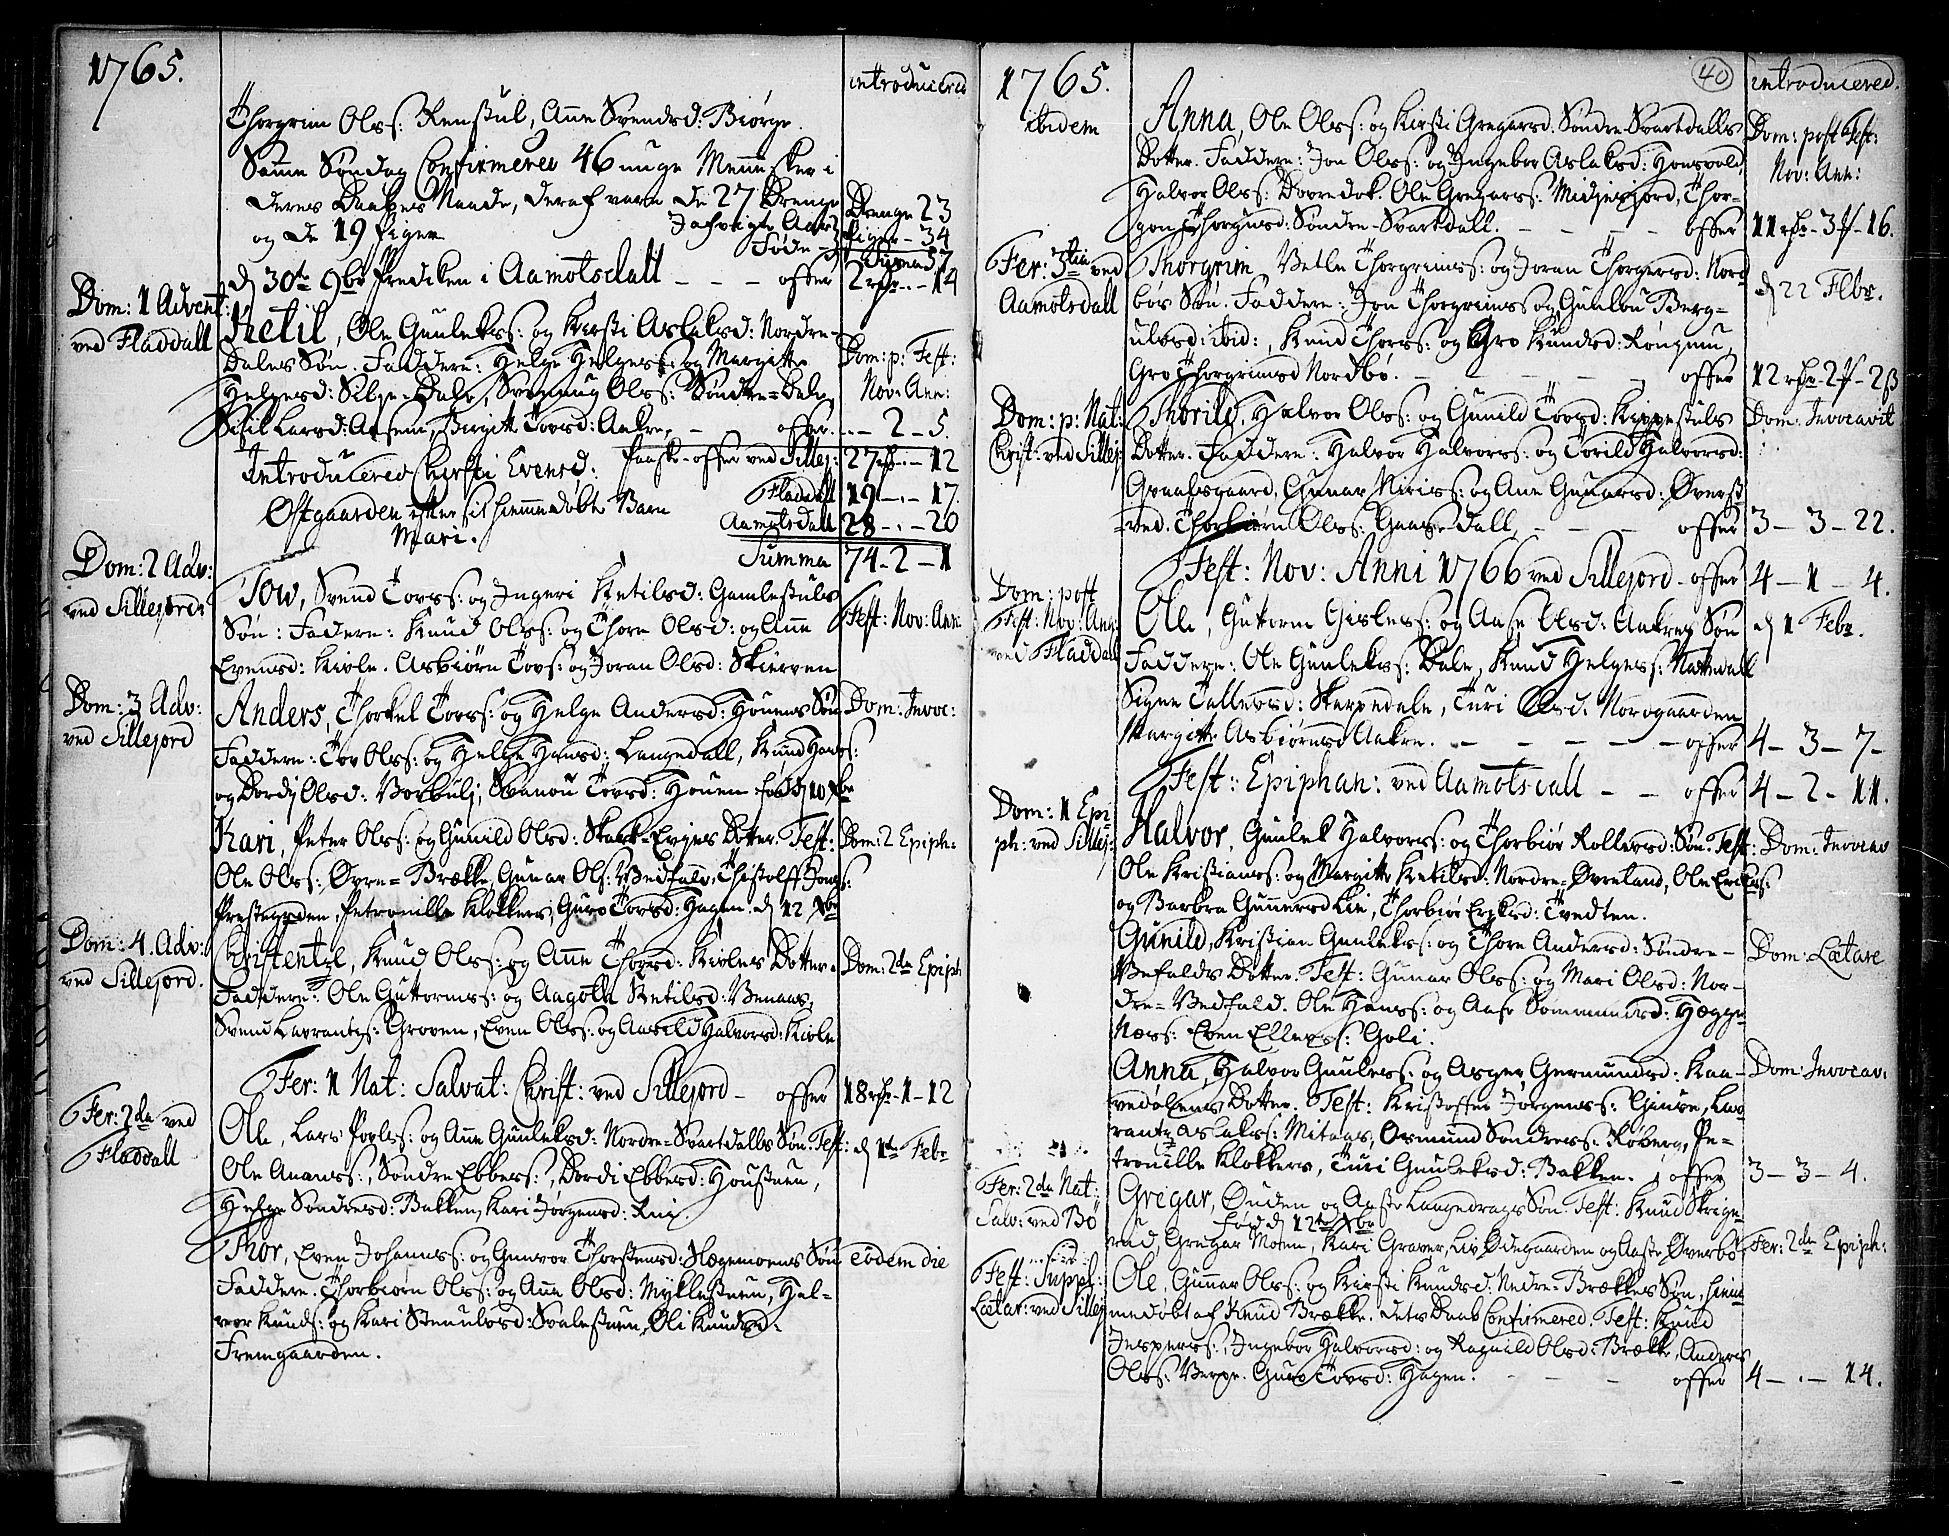 SAKO, Seljord kirkebøker, F/Fa/L0007: Ministerialbok nr. I 7, 1755-1800, s. 40